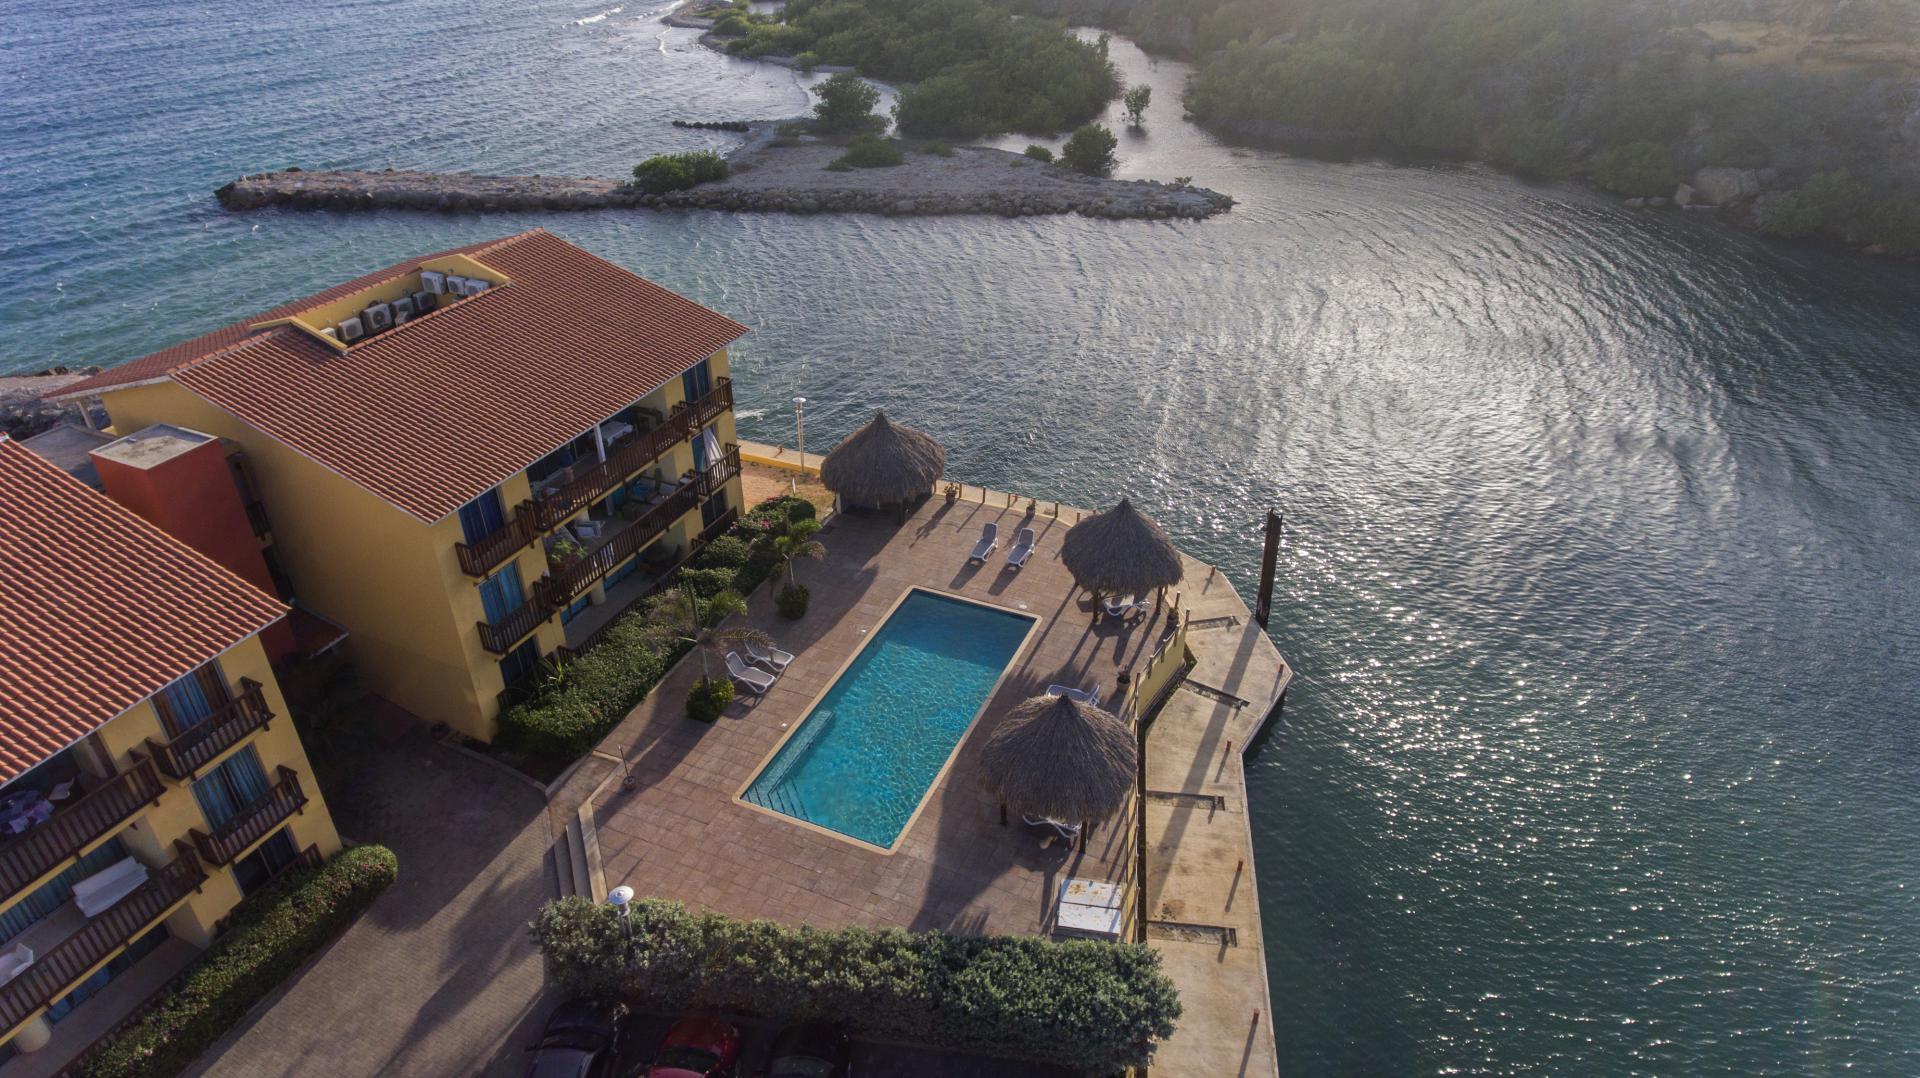 La Palapa Beach Resort